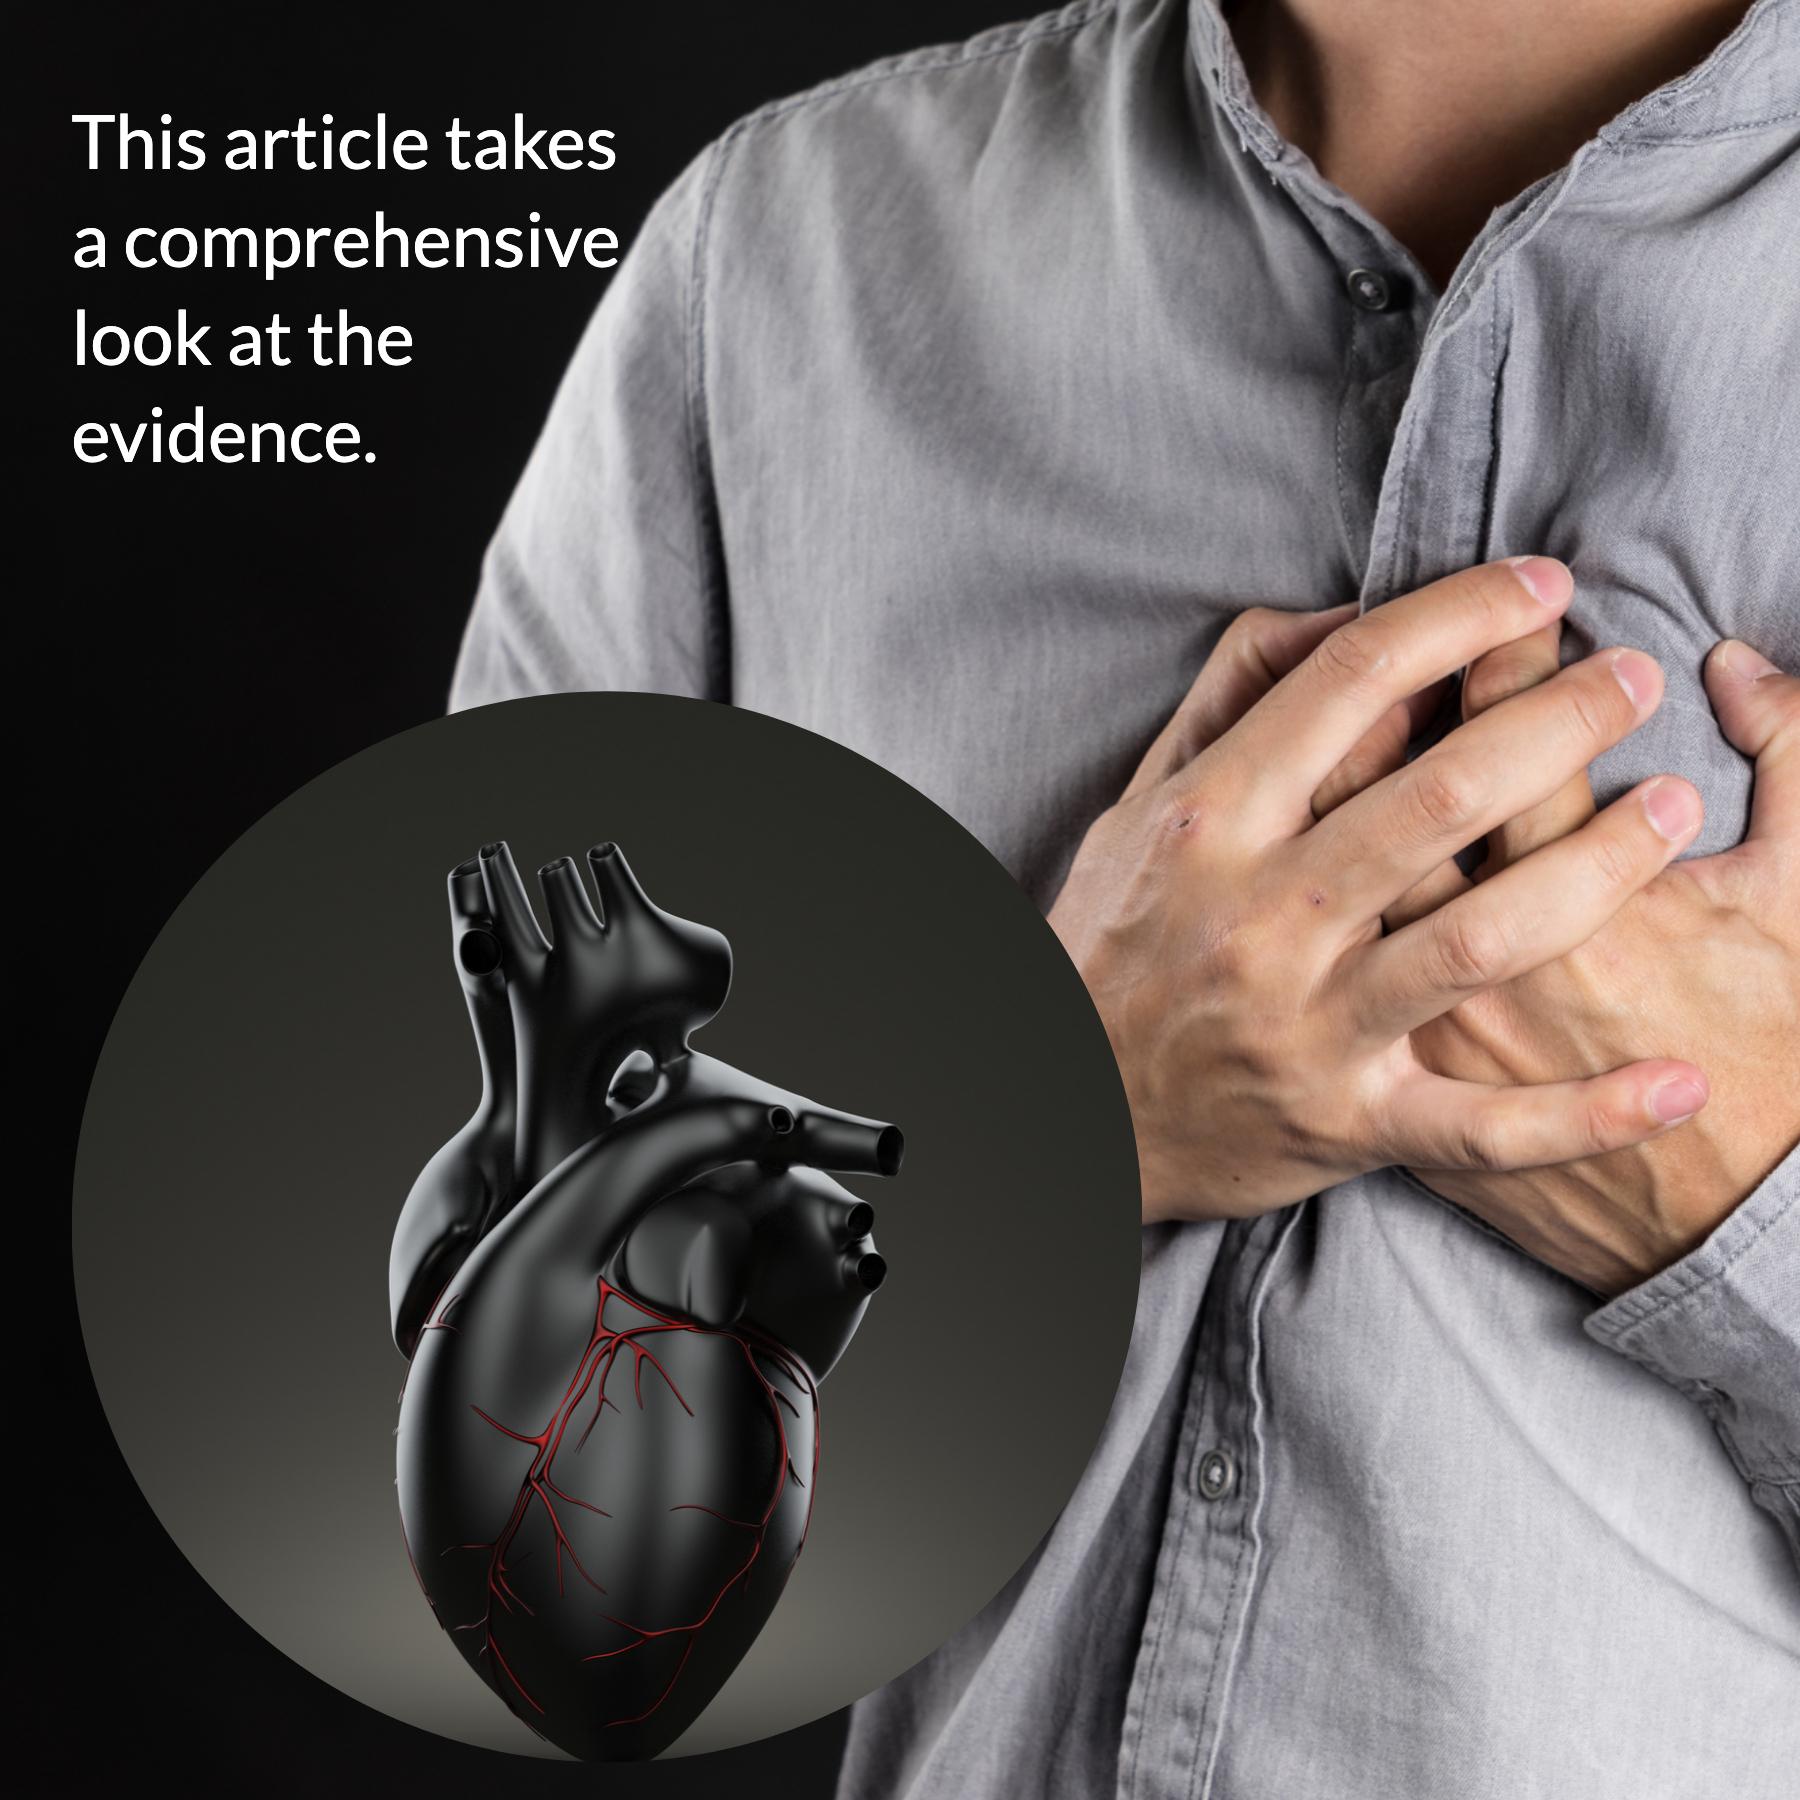 Statins and arthritis